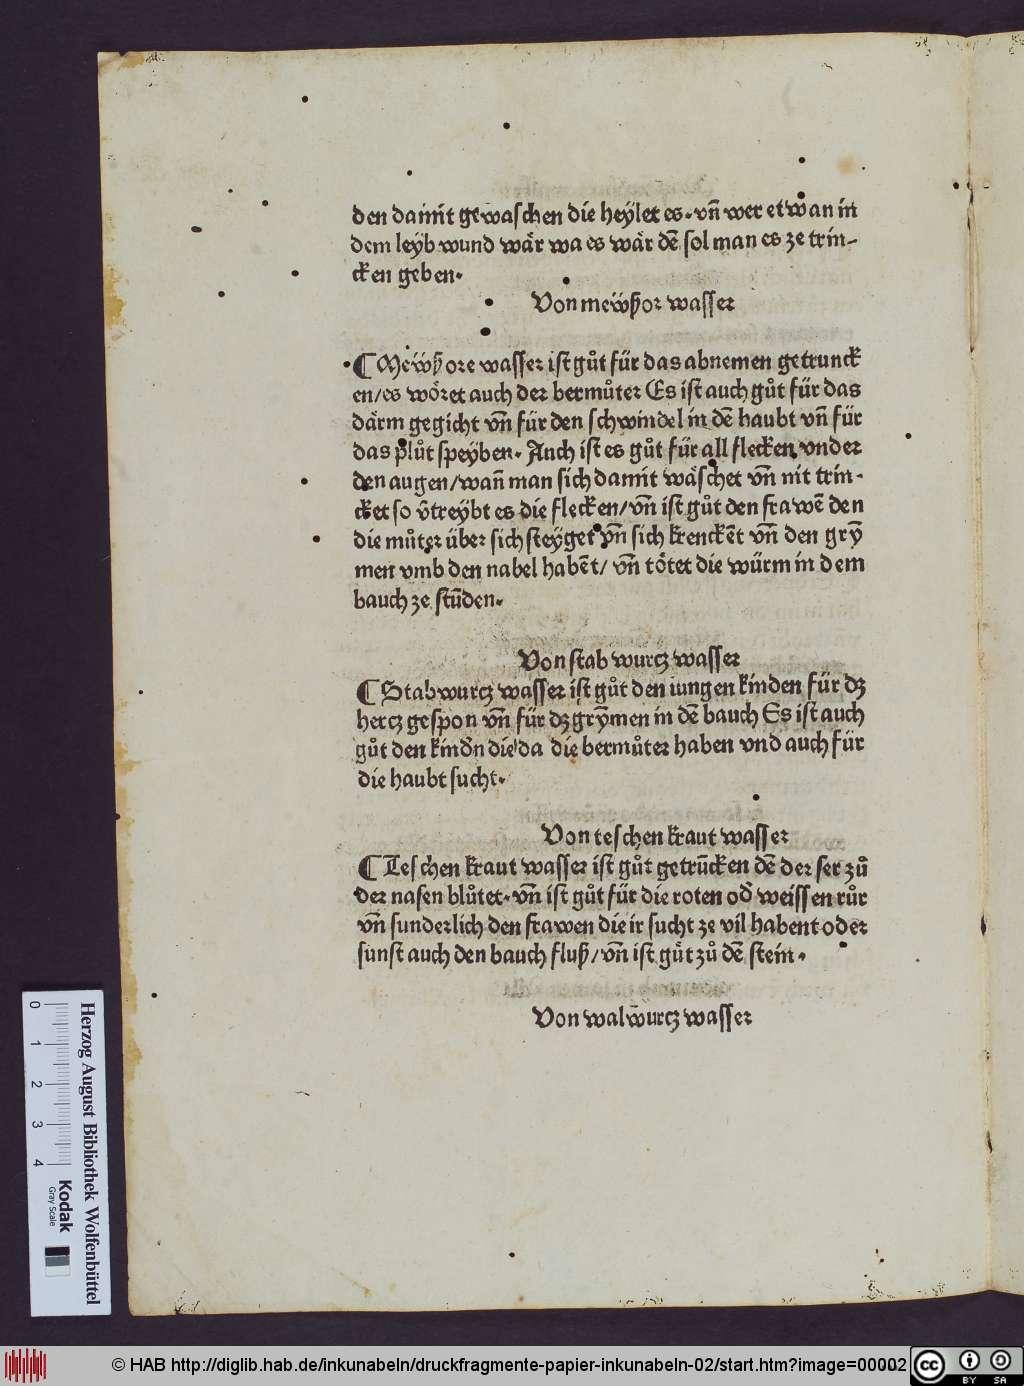 http://diglib.hab.de/inkunabeln/druckfragmente-papier-inkunabeln-02/00002.jpg